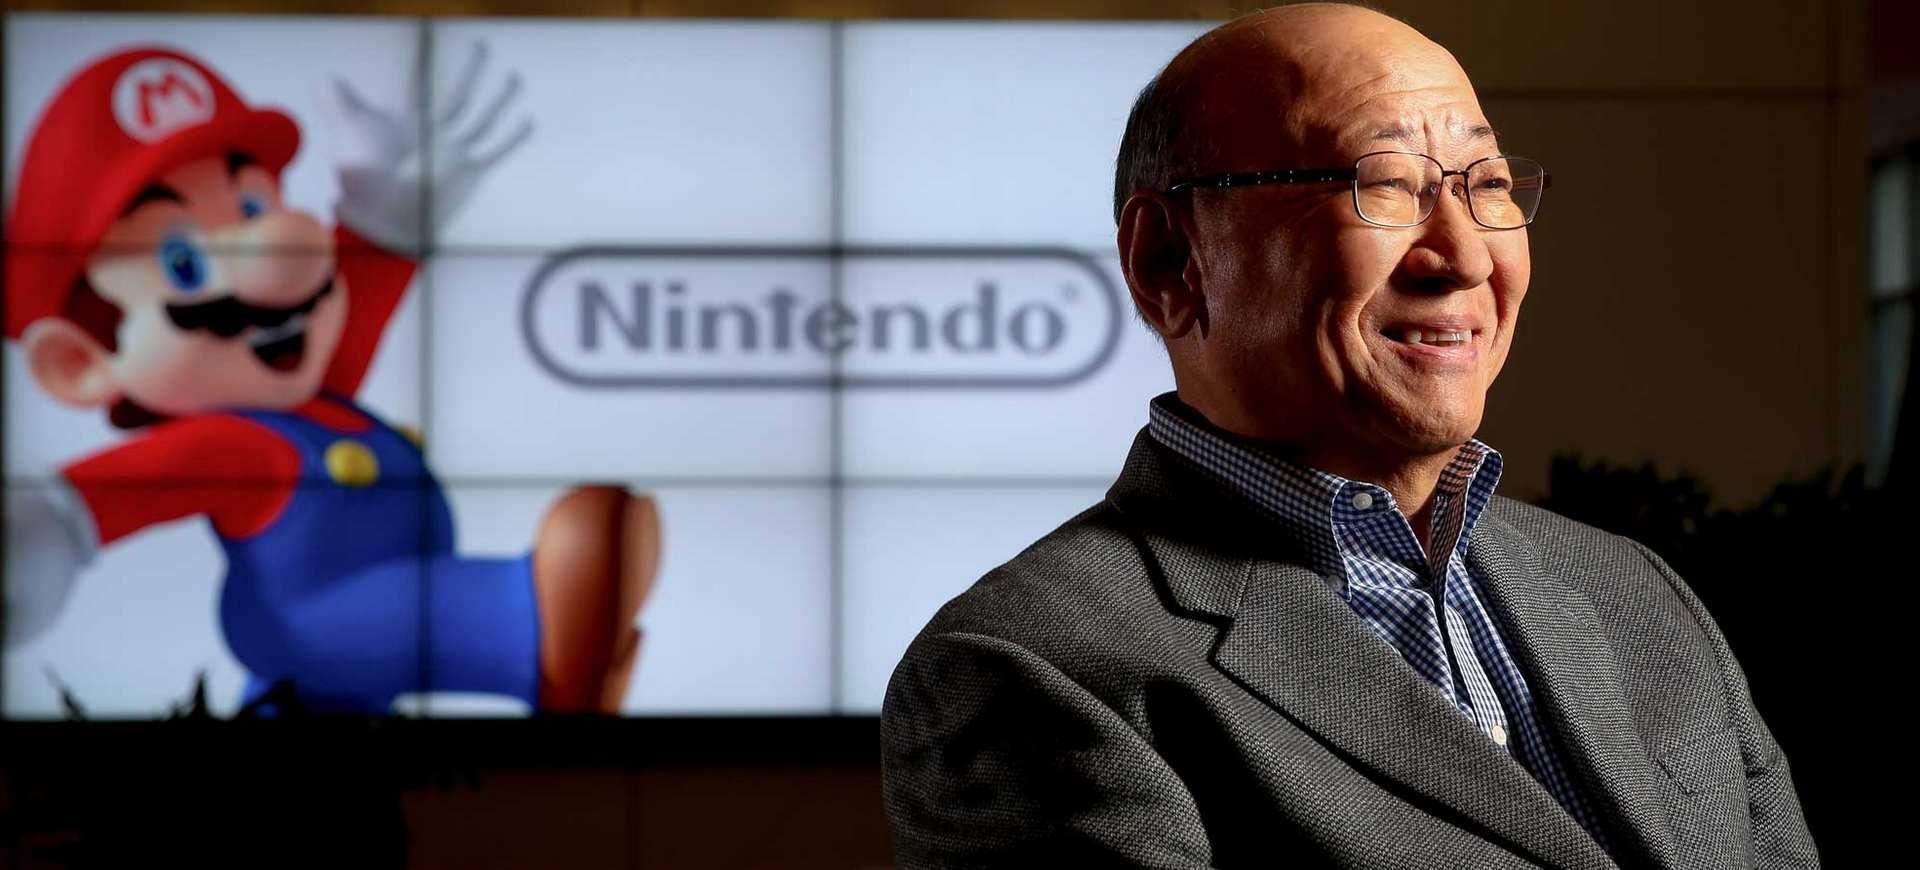 Nintendo NX sẽ không lỗ khi ra mắt thị trường